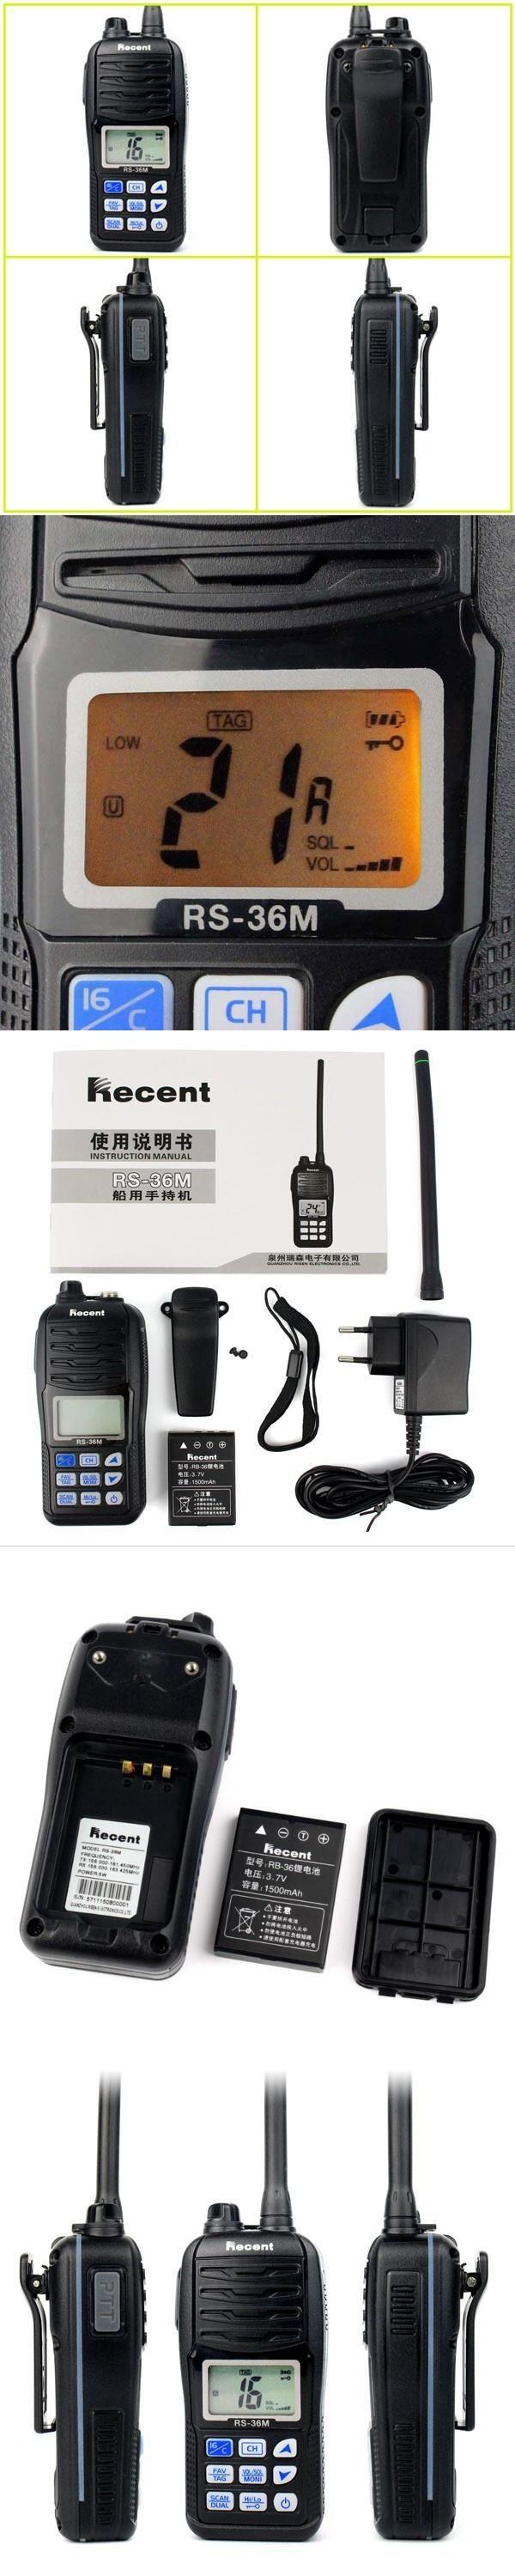 Float'n Marine VHF Radio Walkie Talkies RS-36M WaterProof IP67 interphone Handheld emergency Transceiver transmitter